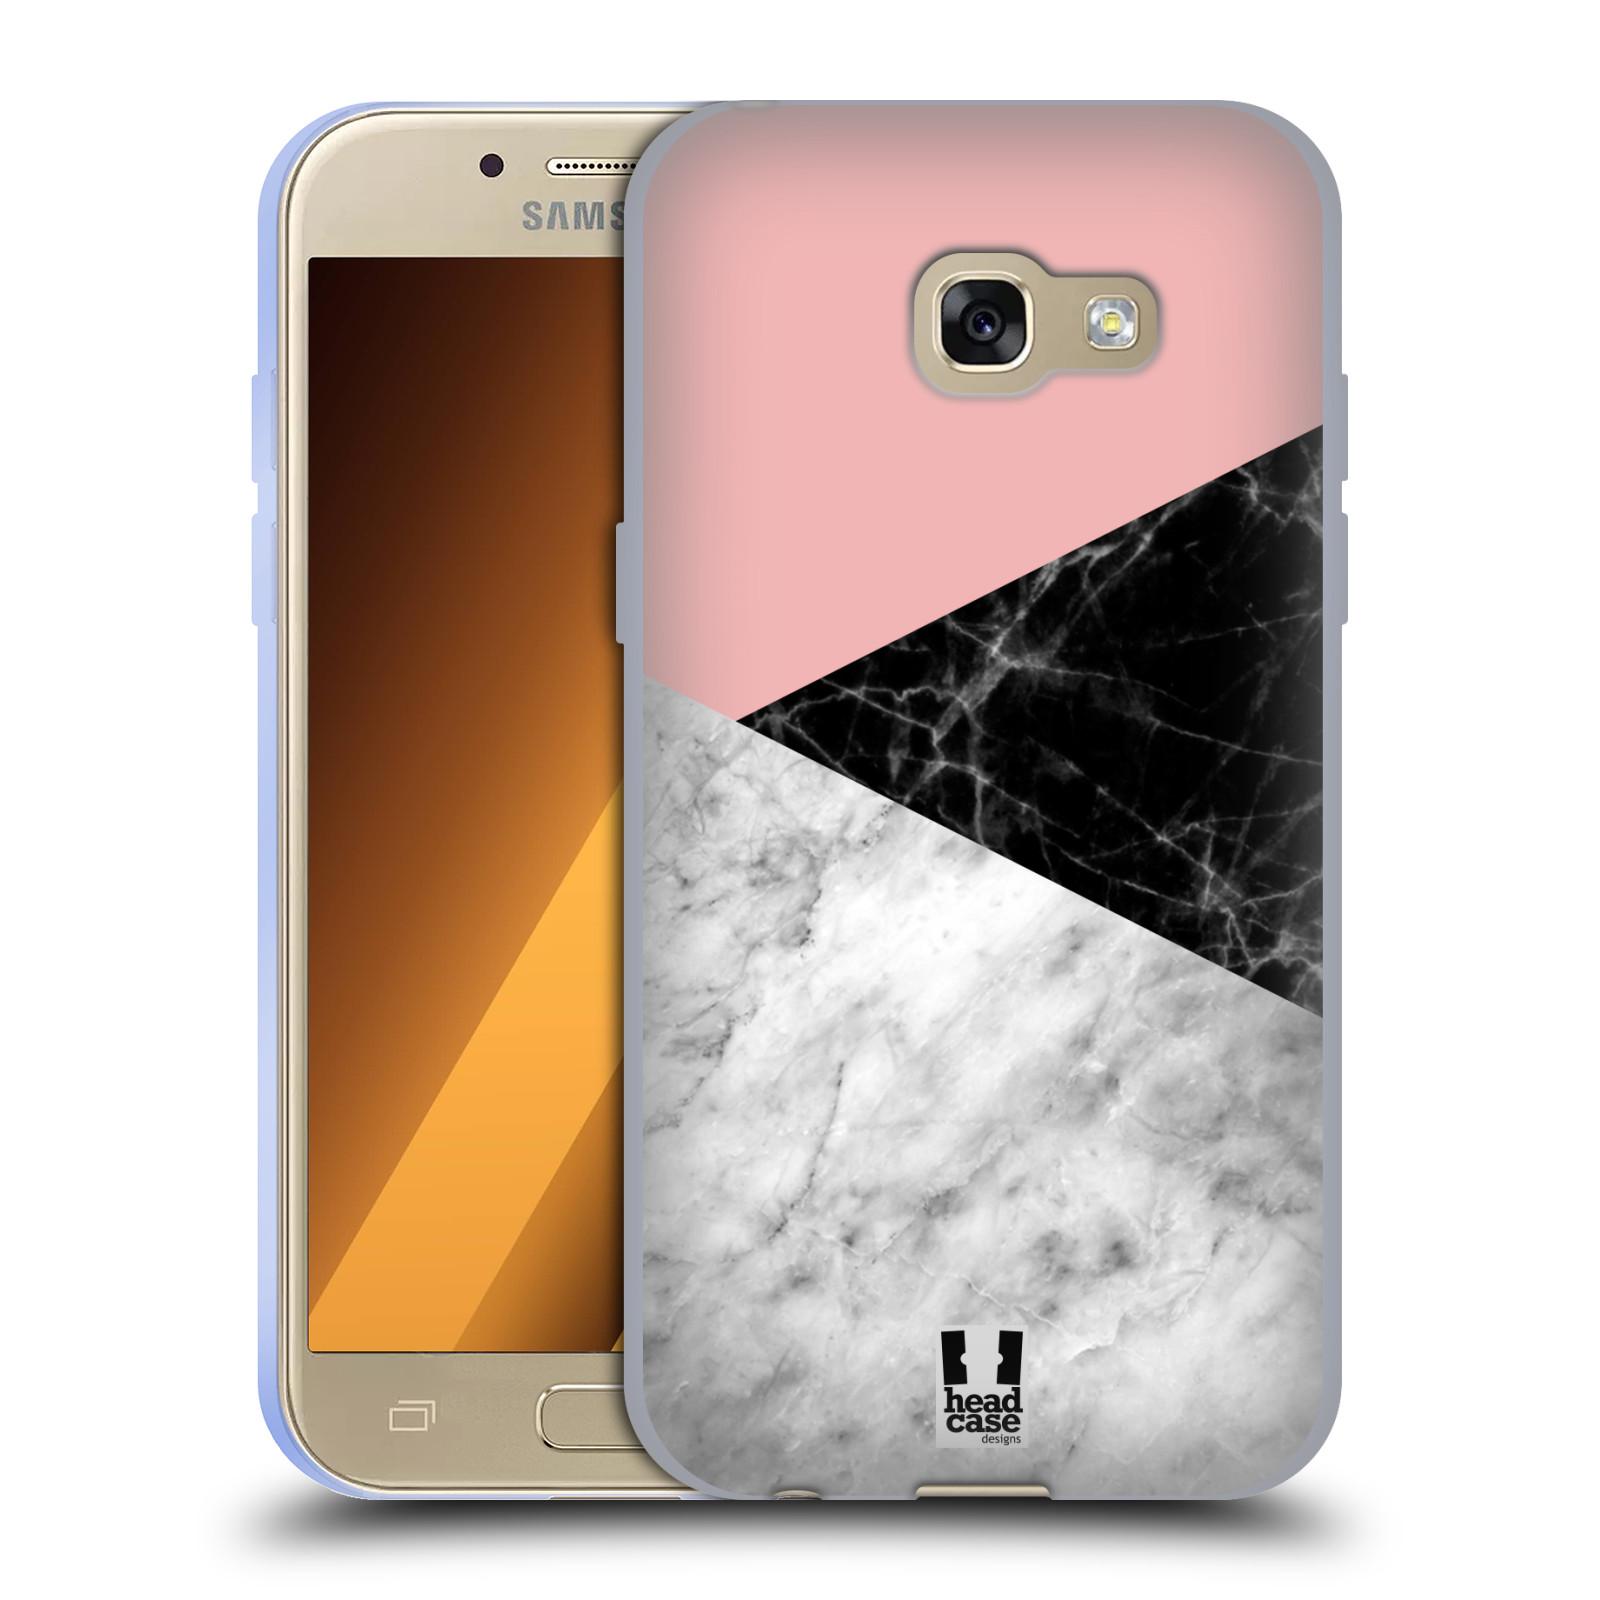 Silikonové pouzdro na mobil Samsung Galaxy A3 (2017) - Head Case - Mramor mix